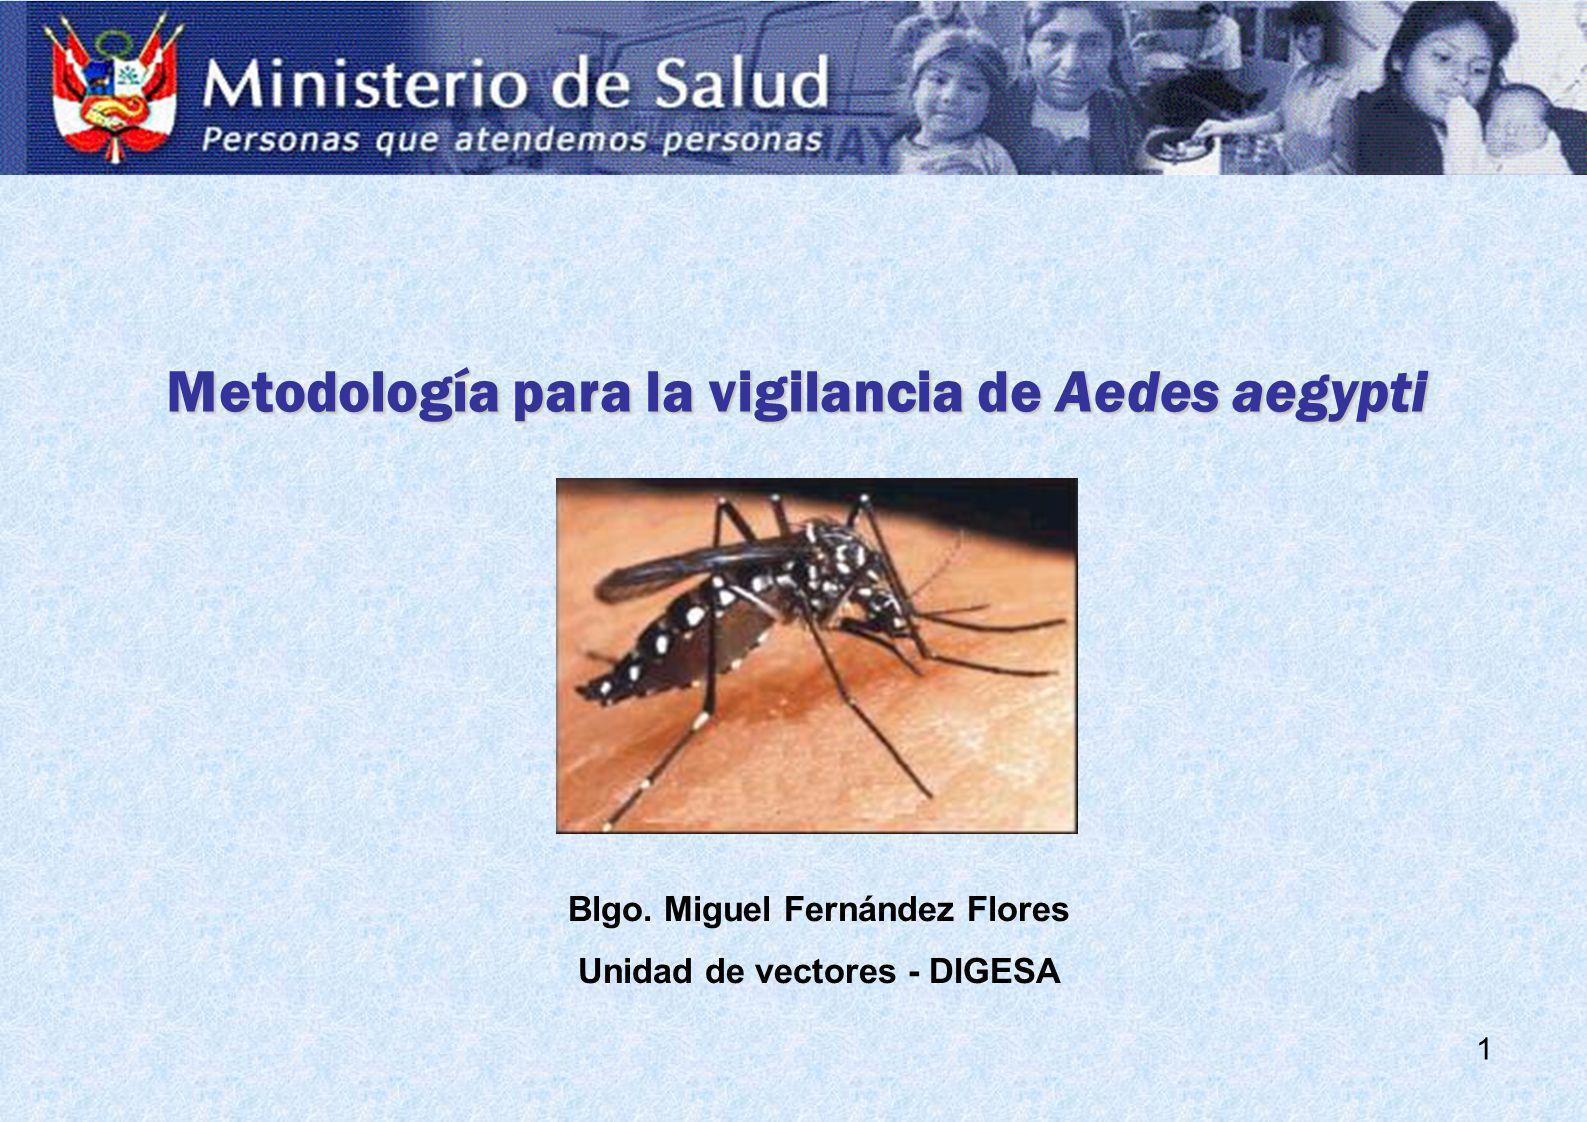 Metodología para la vigilancia de Aedes aegypti